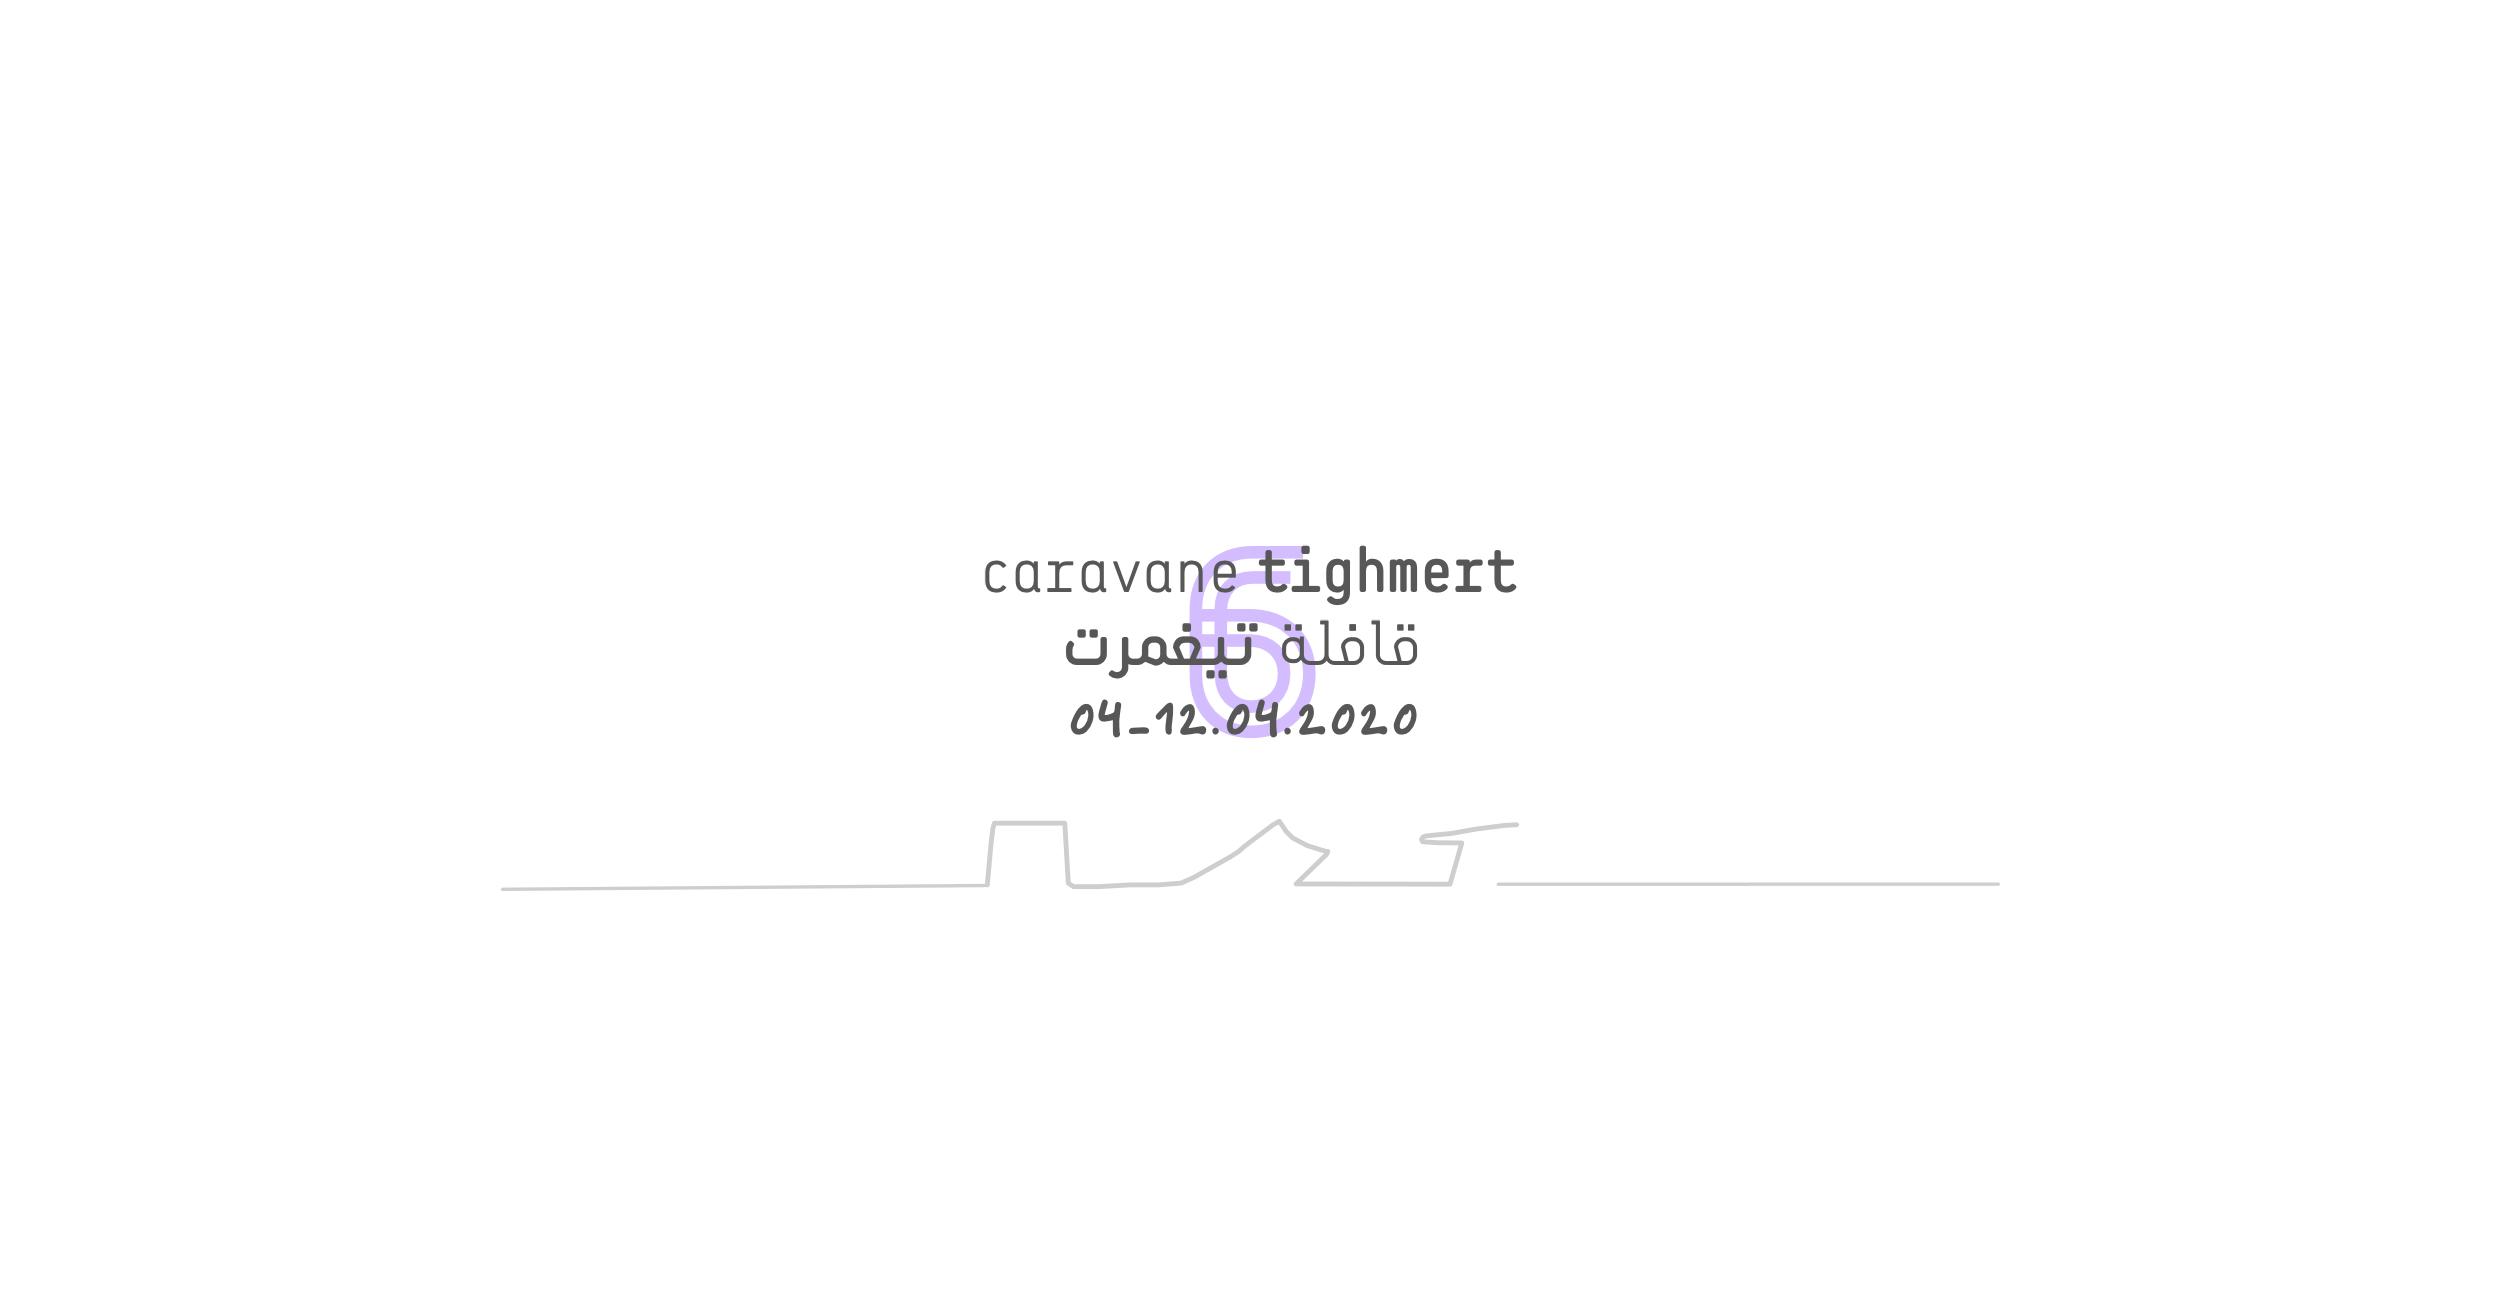 CARAVANE TIGHMERT 2020.jpg